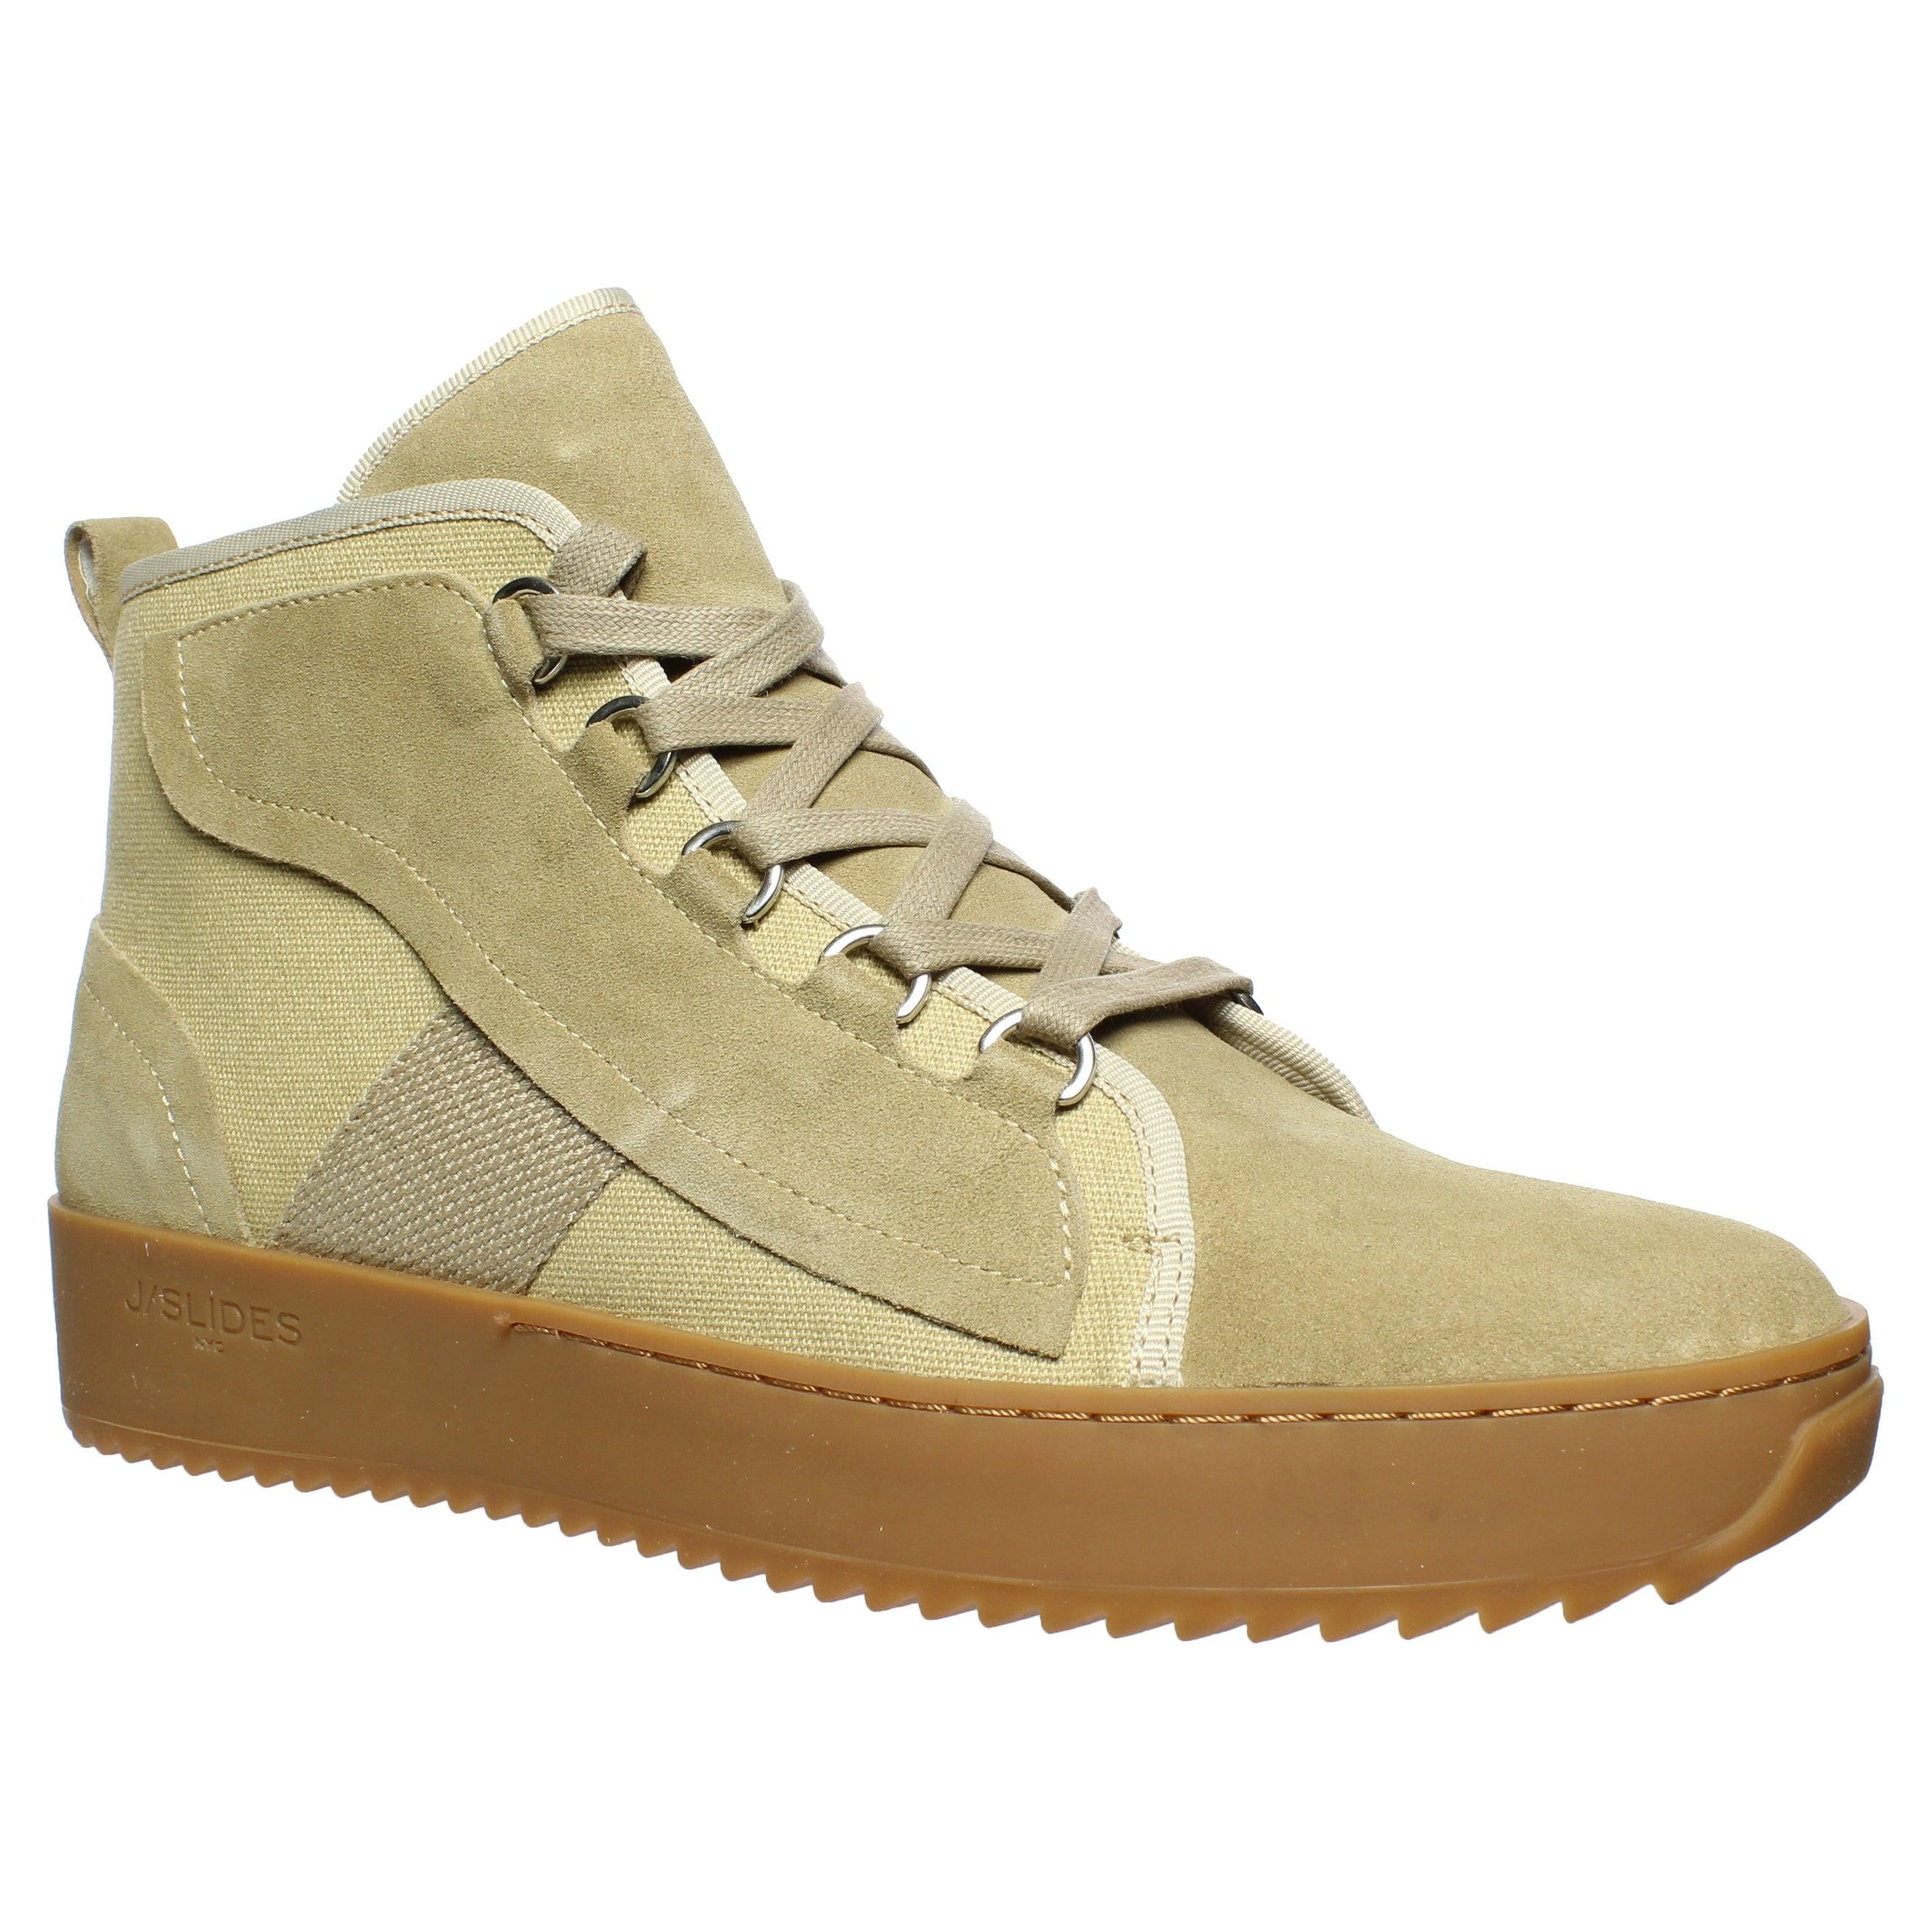 J Slides Mens Sander Fashion Sneaker